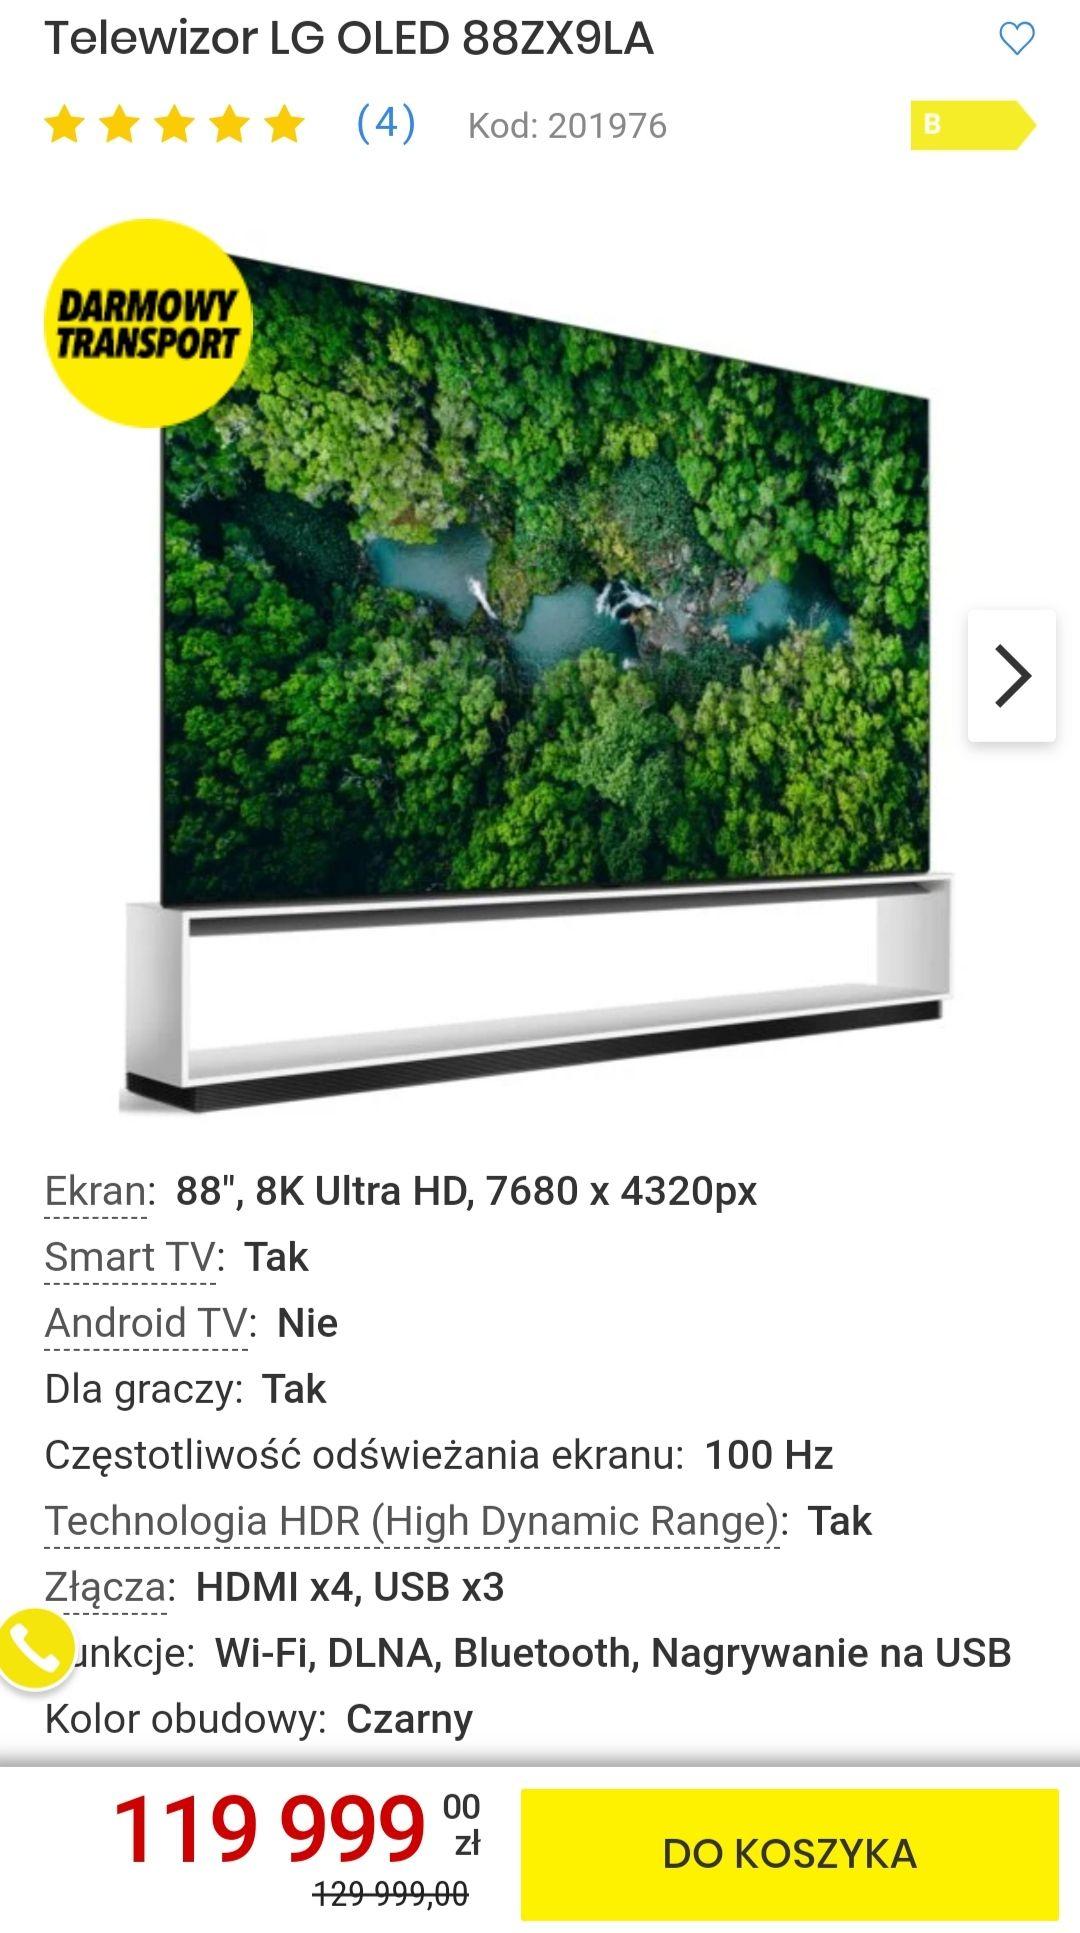 Telewizor LG OLED taniej o 10 000 zł